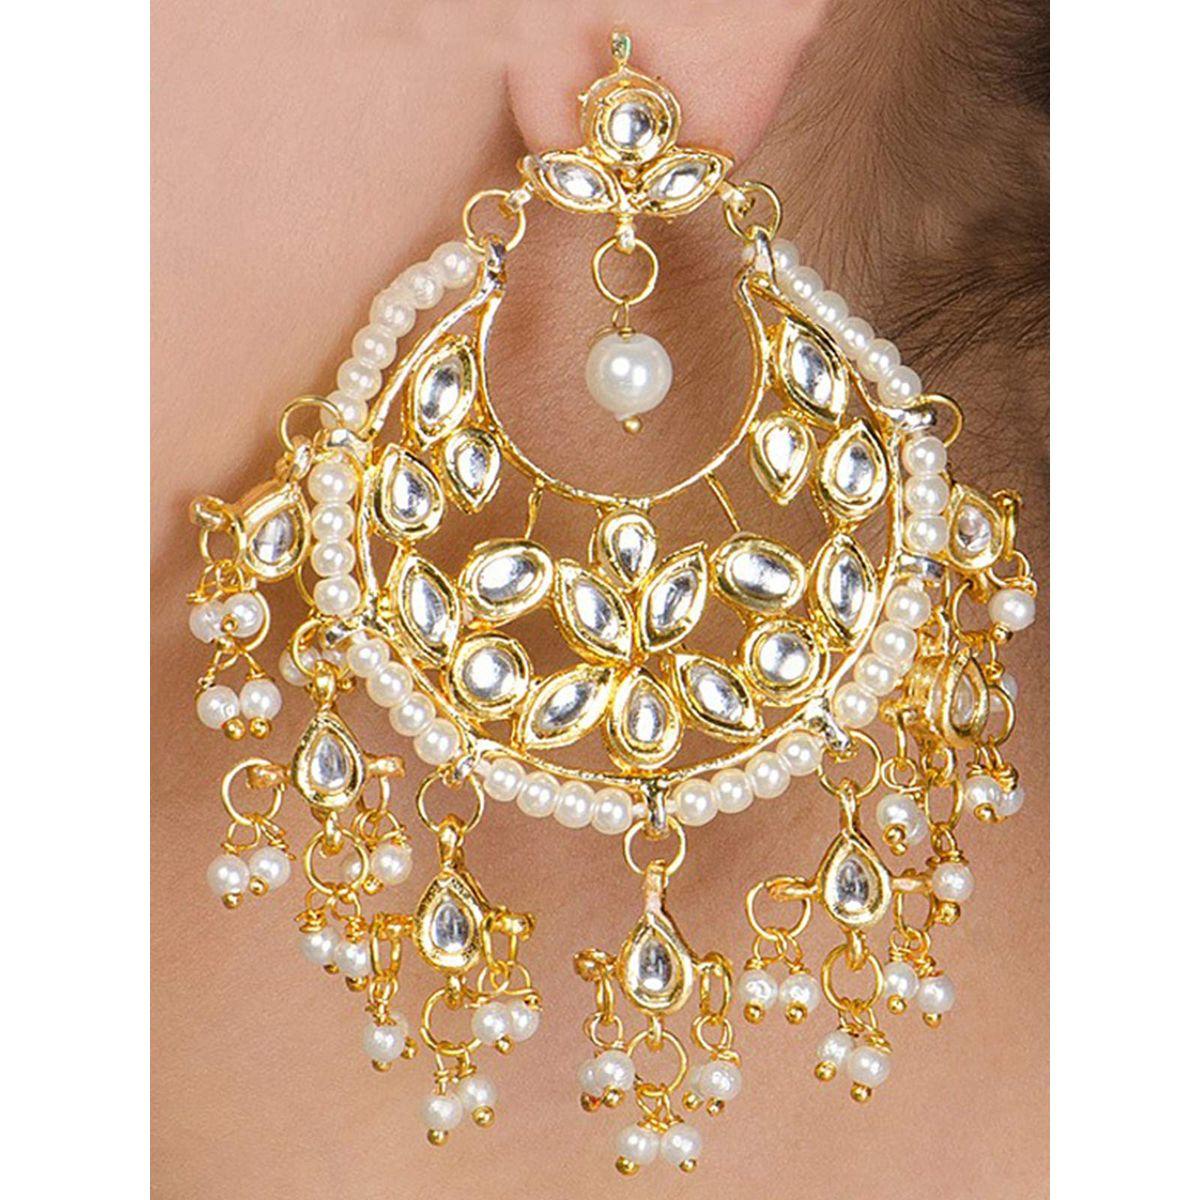 Kundan Jhalar Chandbali earrings